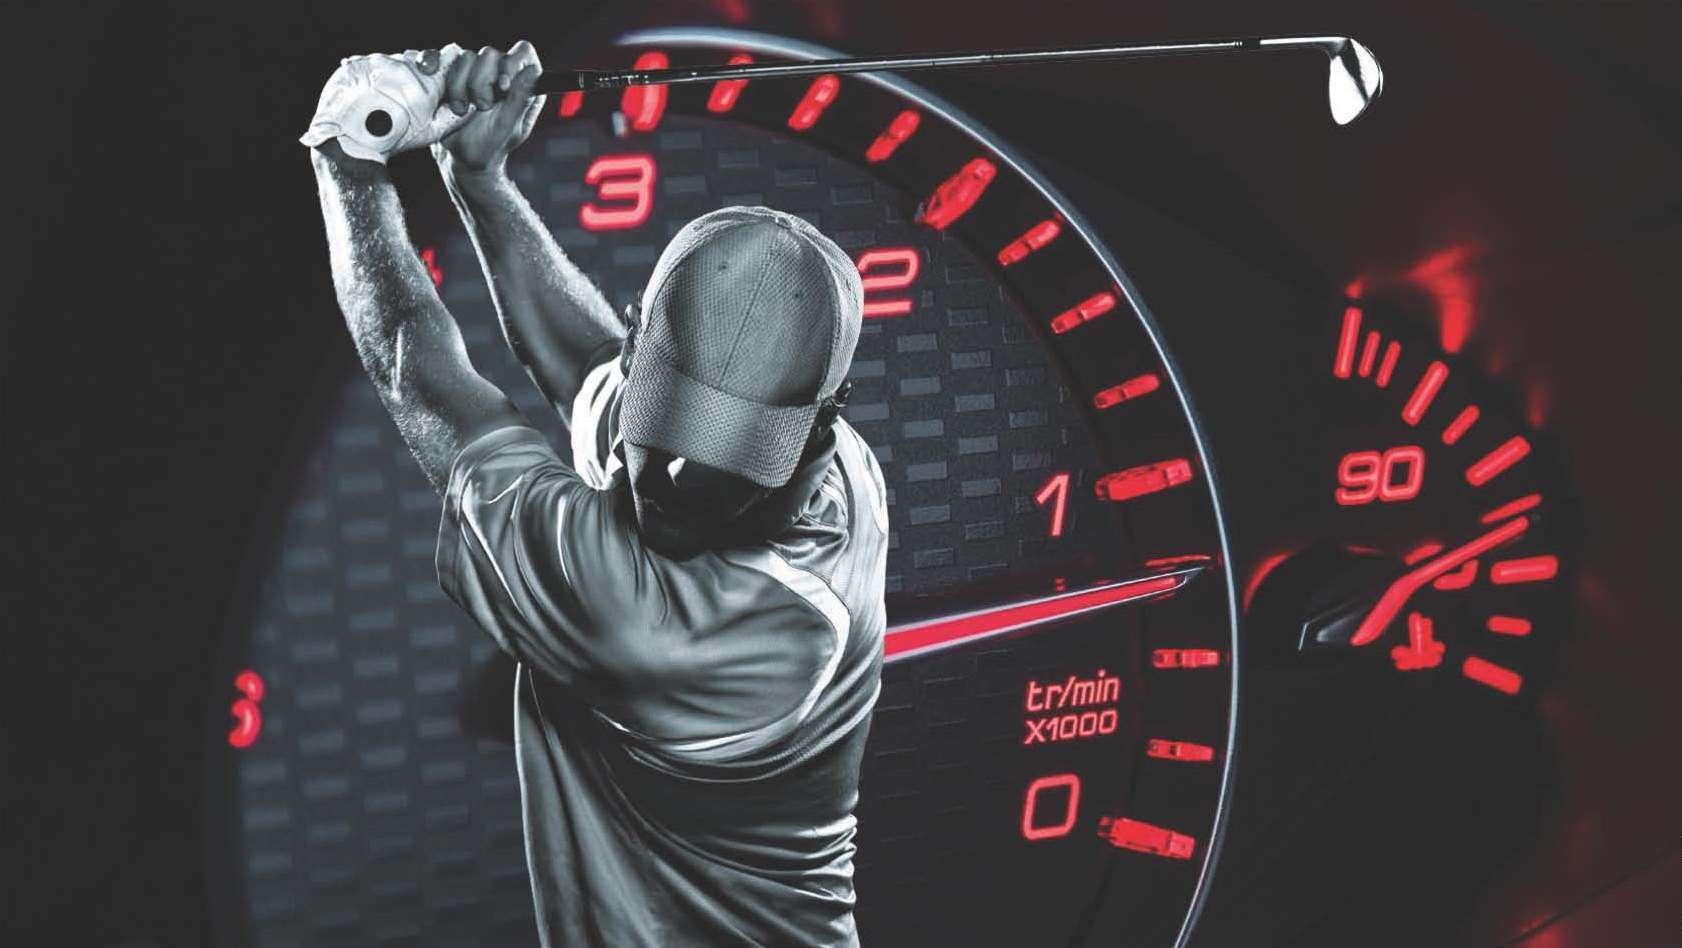 Peugeot Golf Tour 2015 - Visuel Officiel (Horizontal) - Image